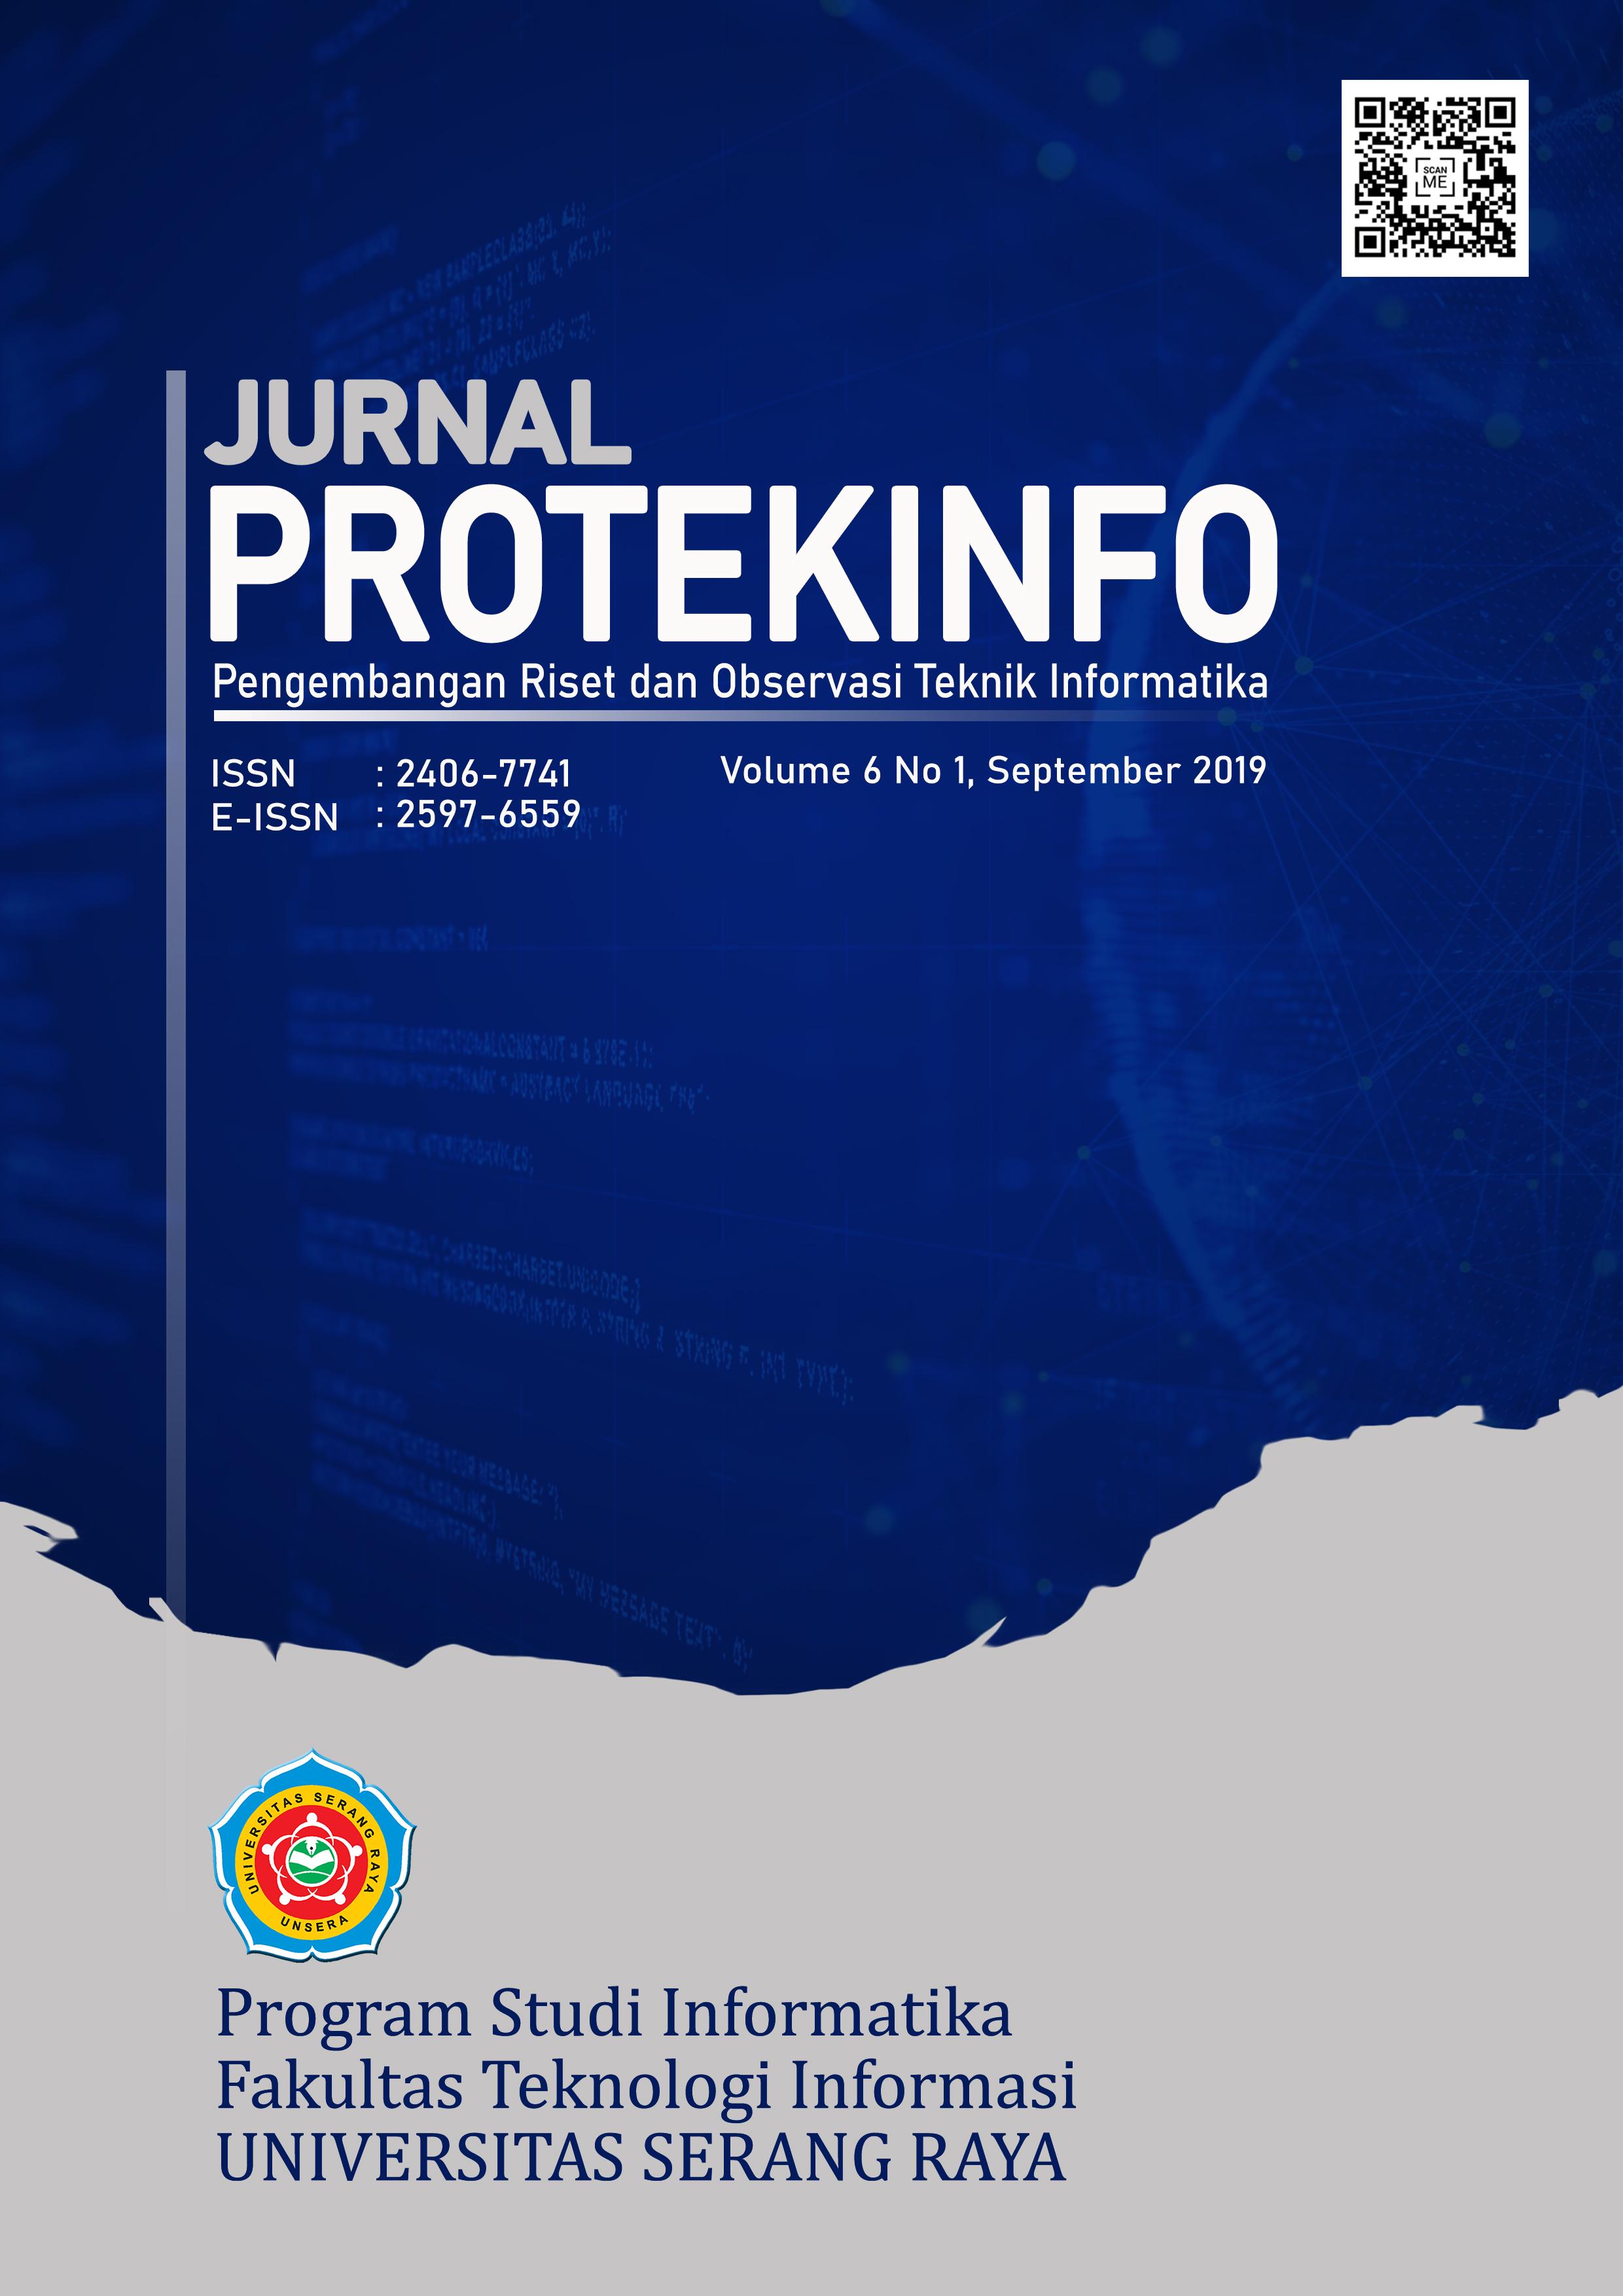 Protekinfo Volume 6 No 1 Sept 2019